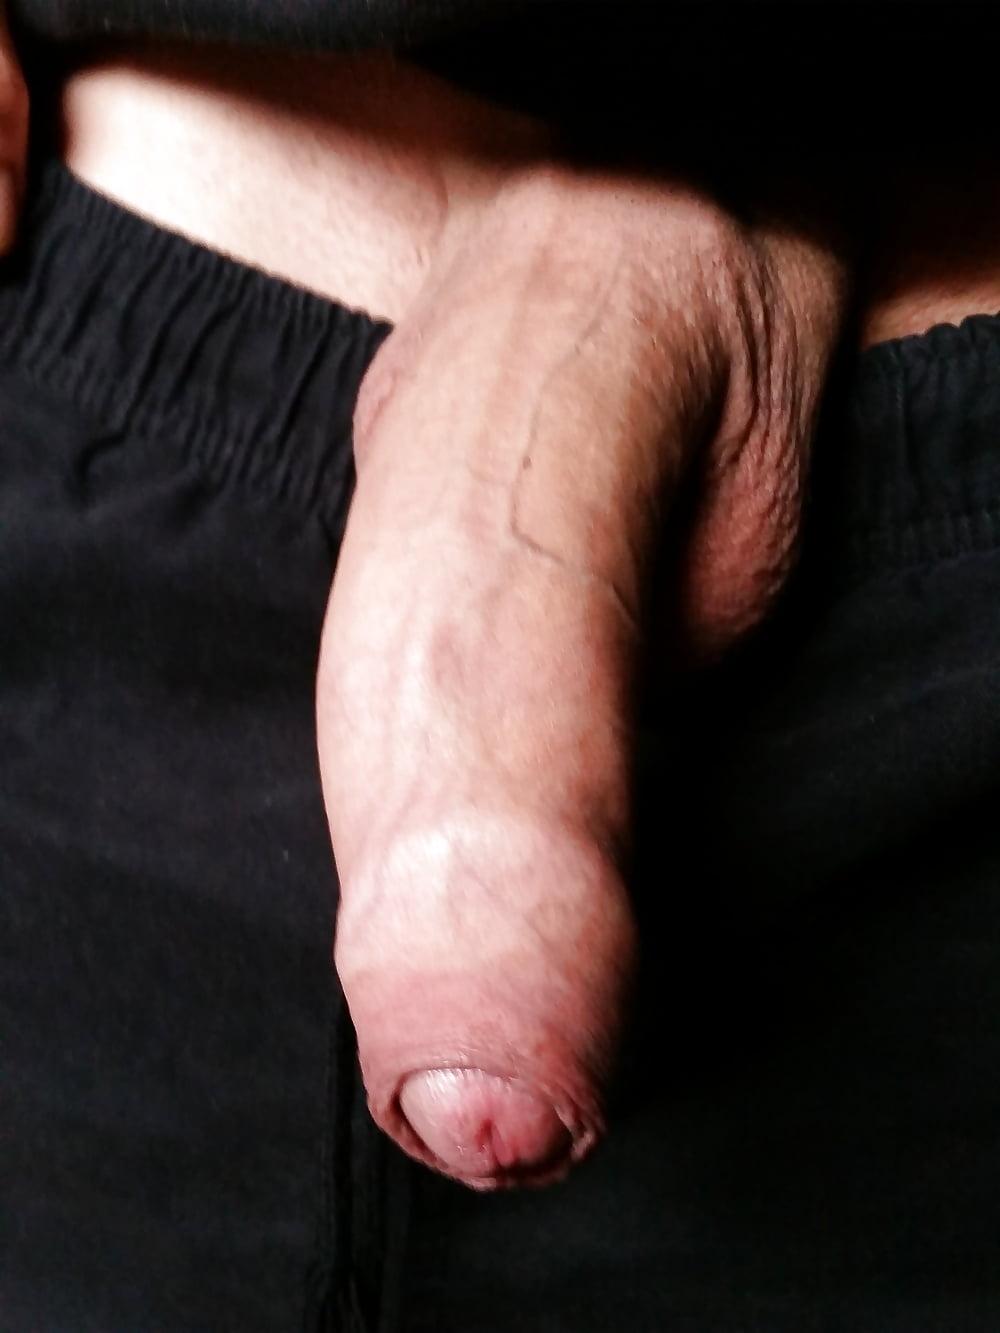 Uncut penis pix